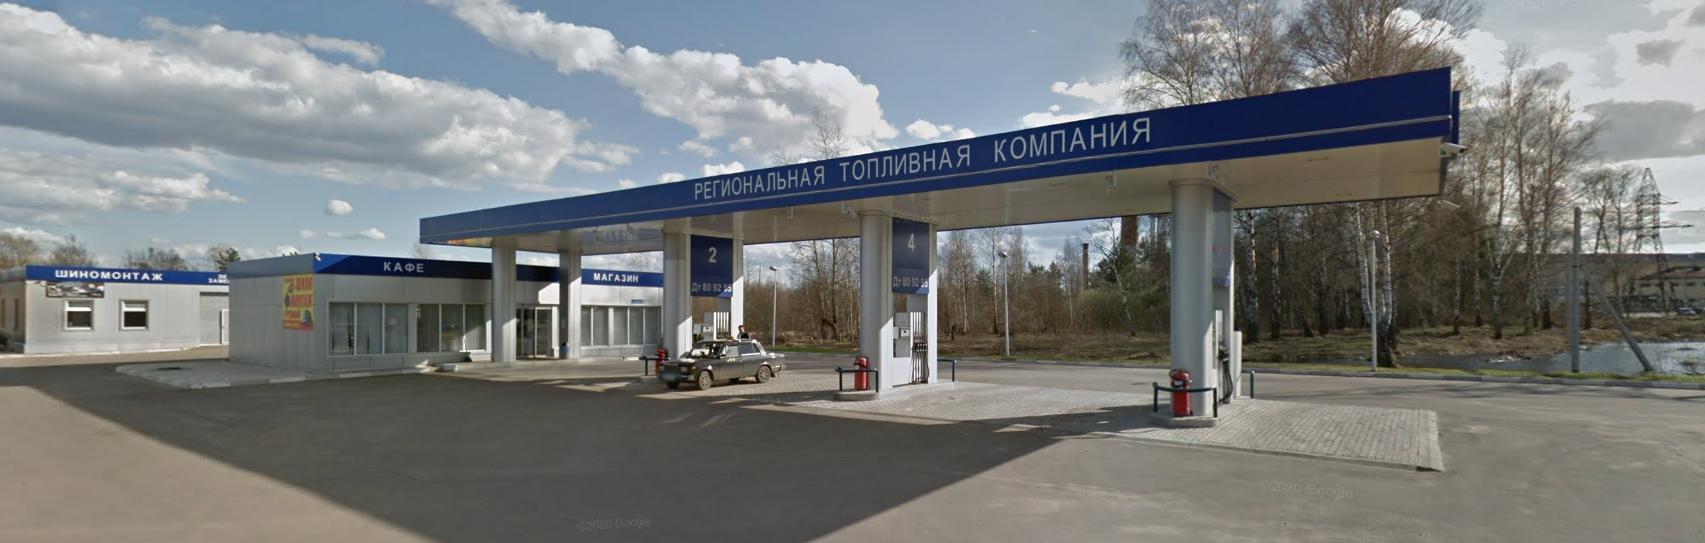 Фото: Россия, Тверская область, г. Кимры, Старозаводская, 21